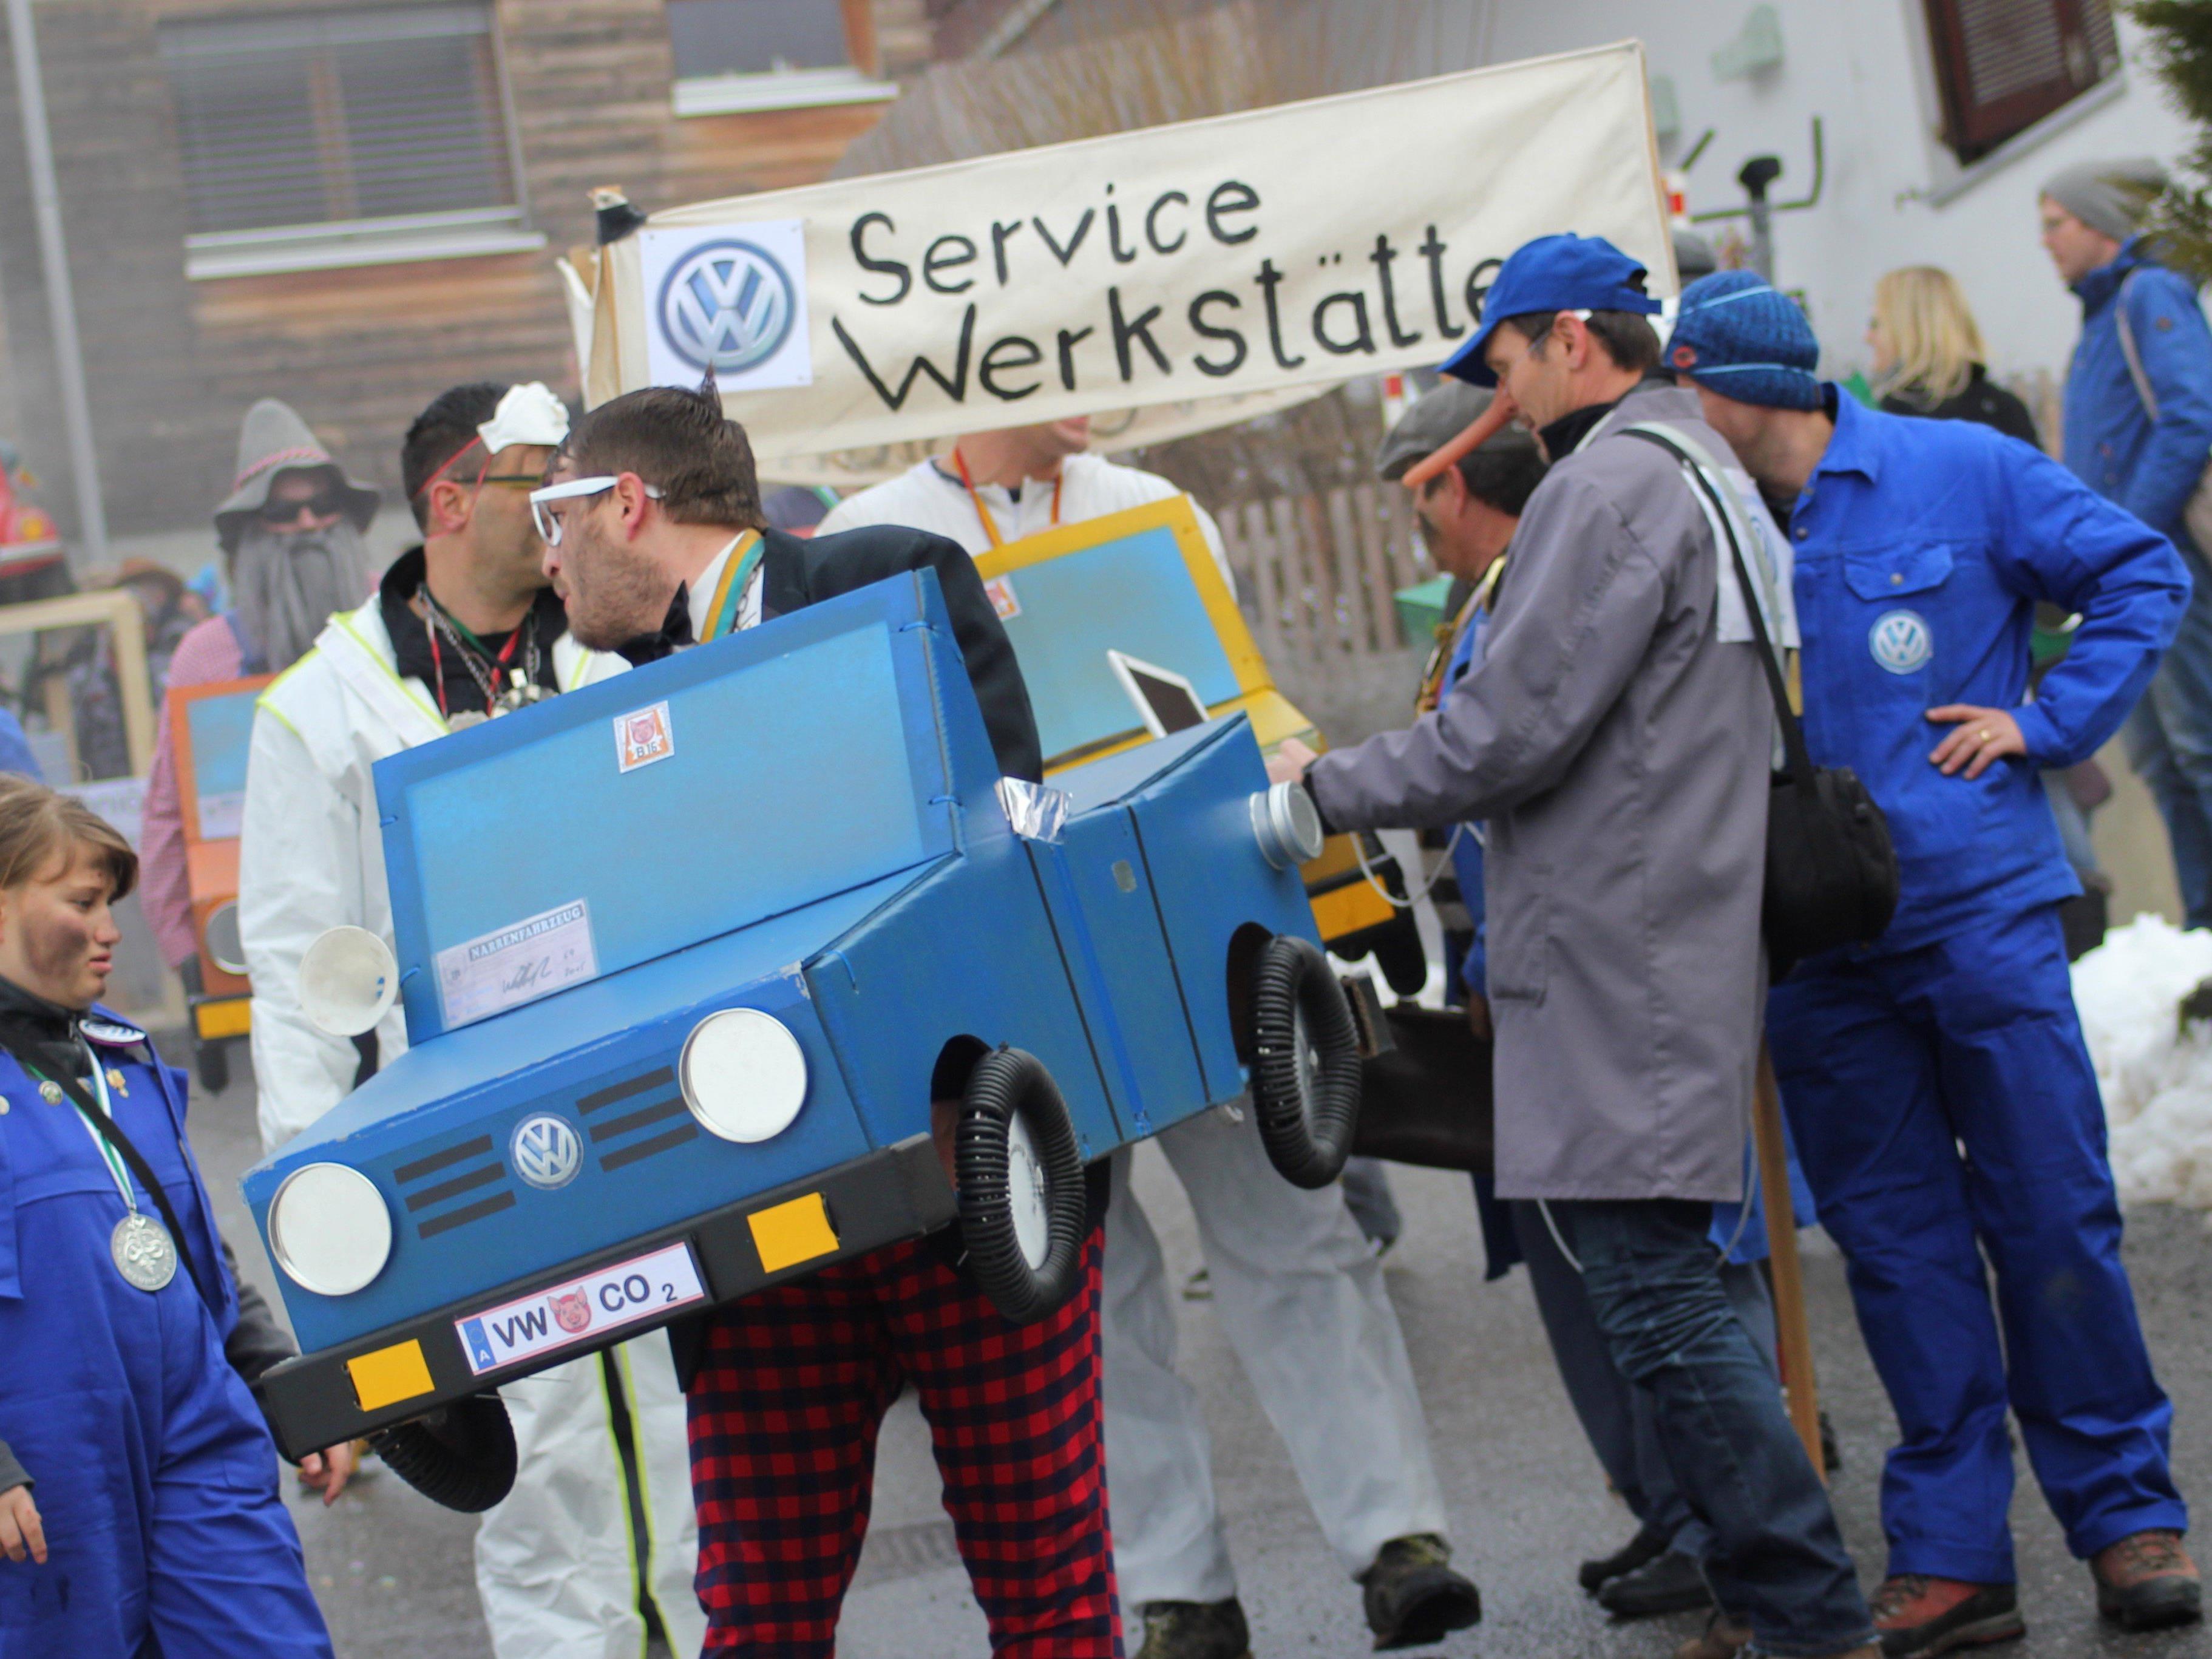 Volkswagen-Skandal beim Rungeliner Umzug.